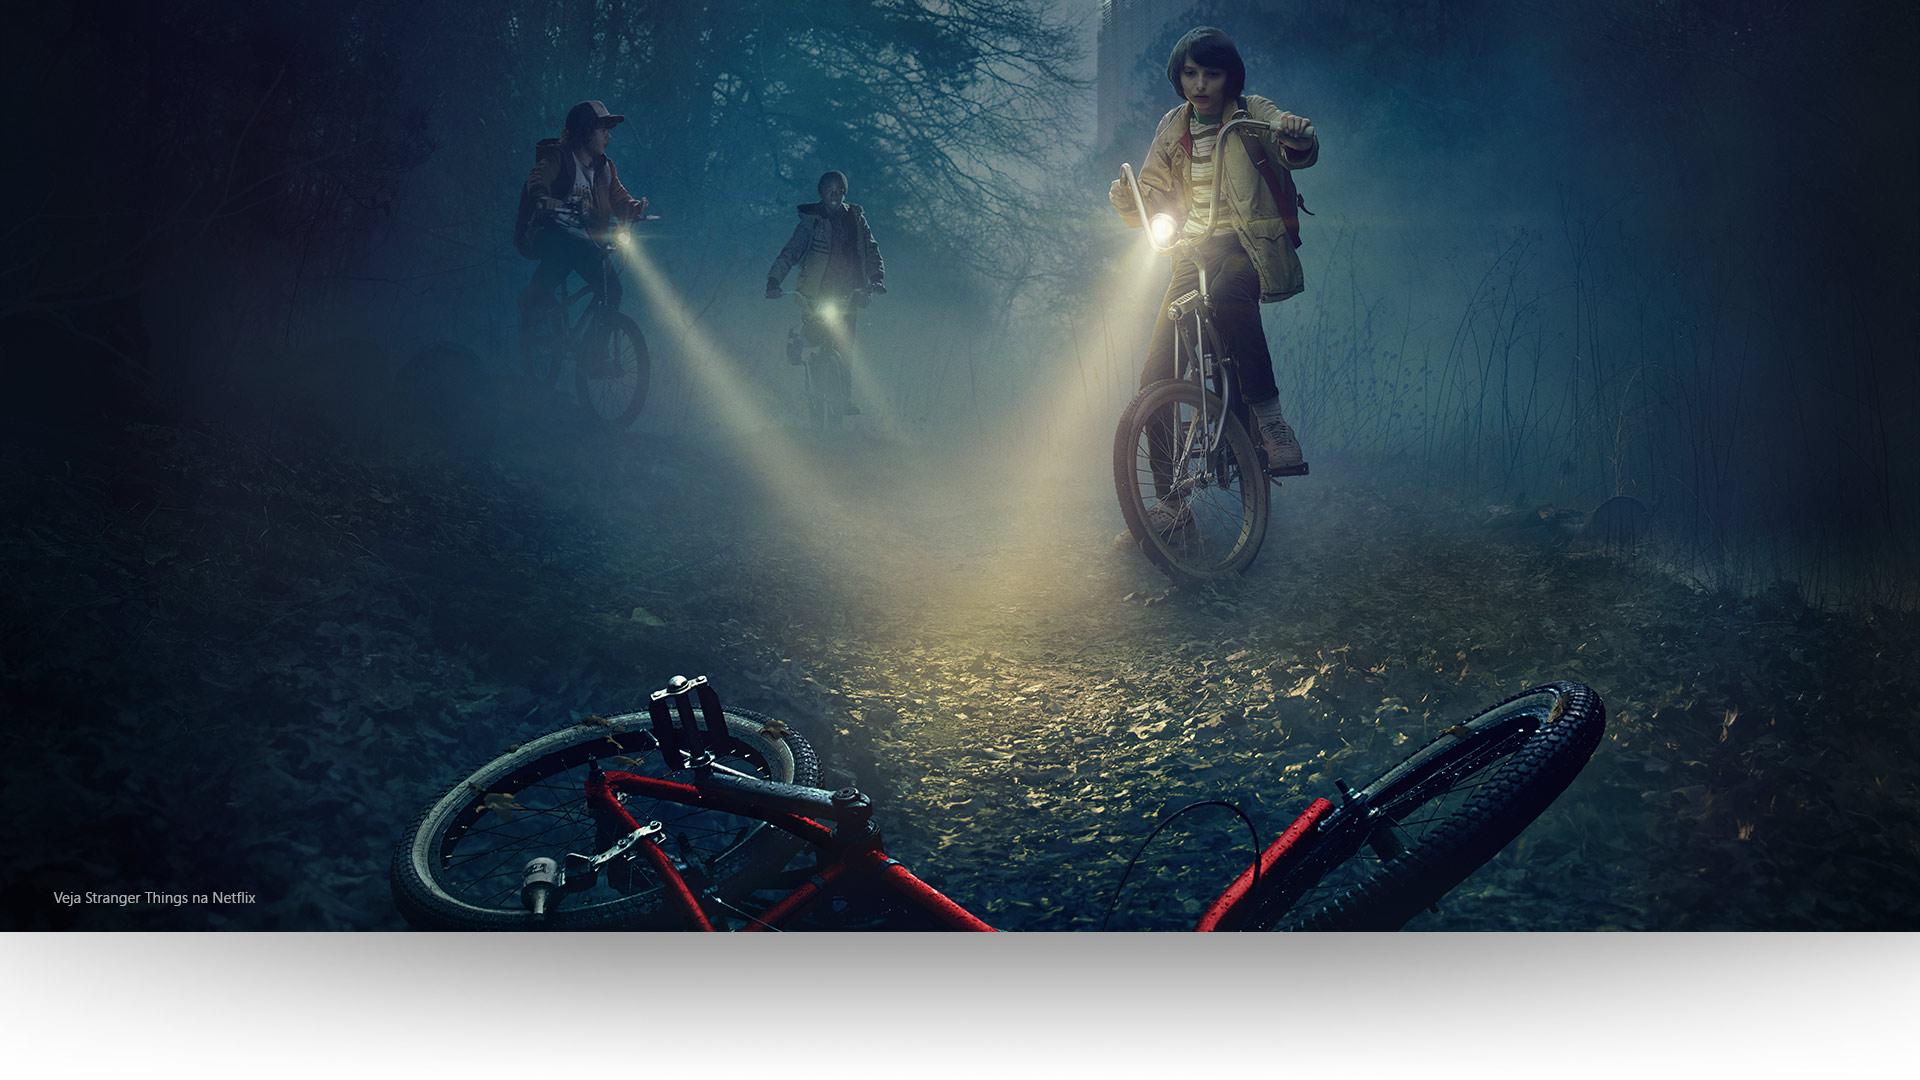 Umas crianças vão dar um passeio de bicicleta e encontram uma bicicleta perdida - Vê o Stranger Things no Netflix